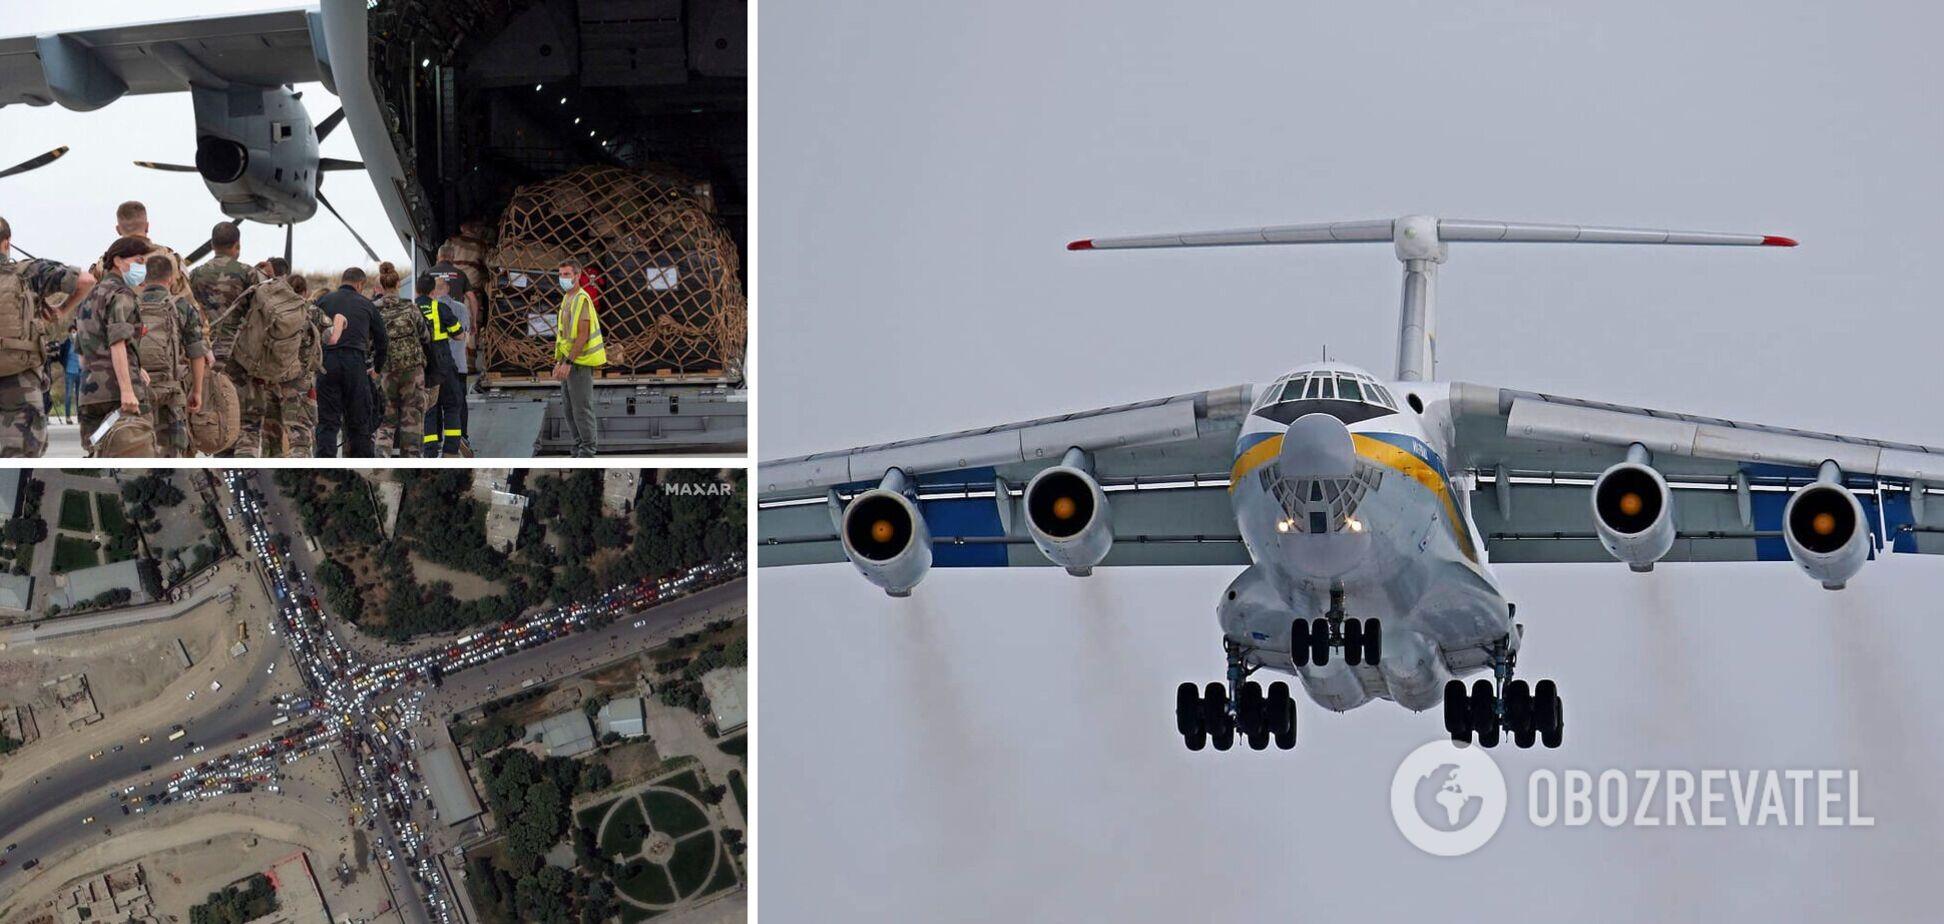 Україна відправила літак до Афганістану для евакуації громадян. Ексклюзивні подробиці